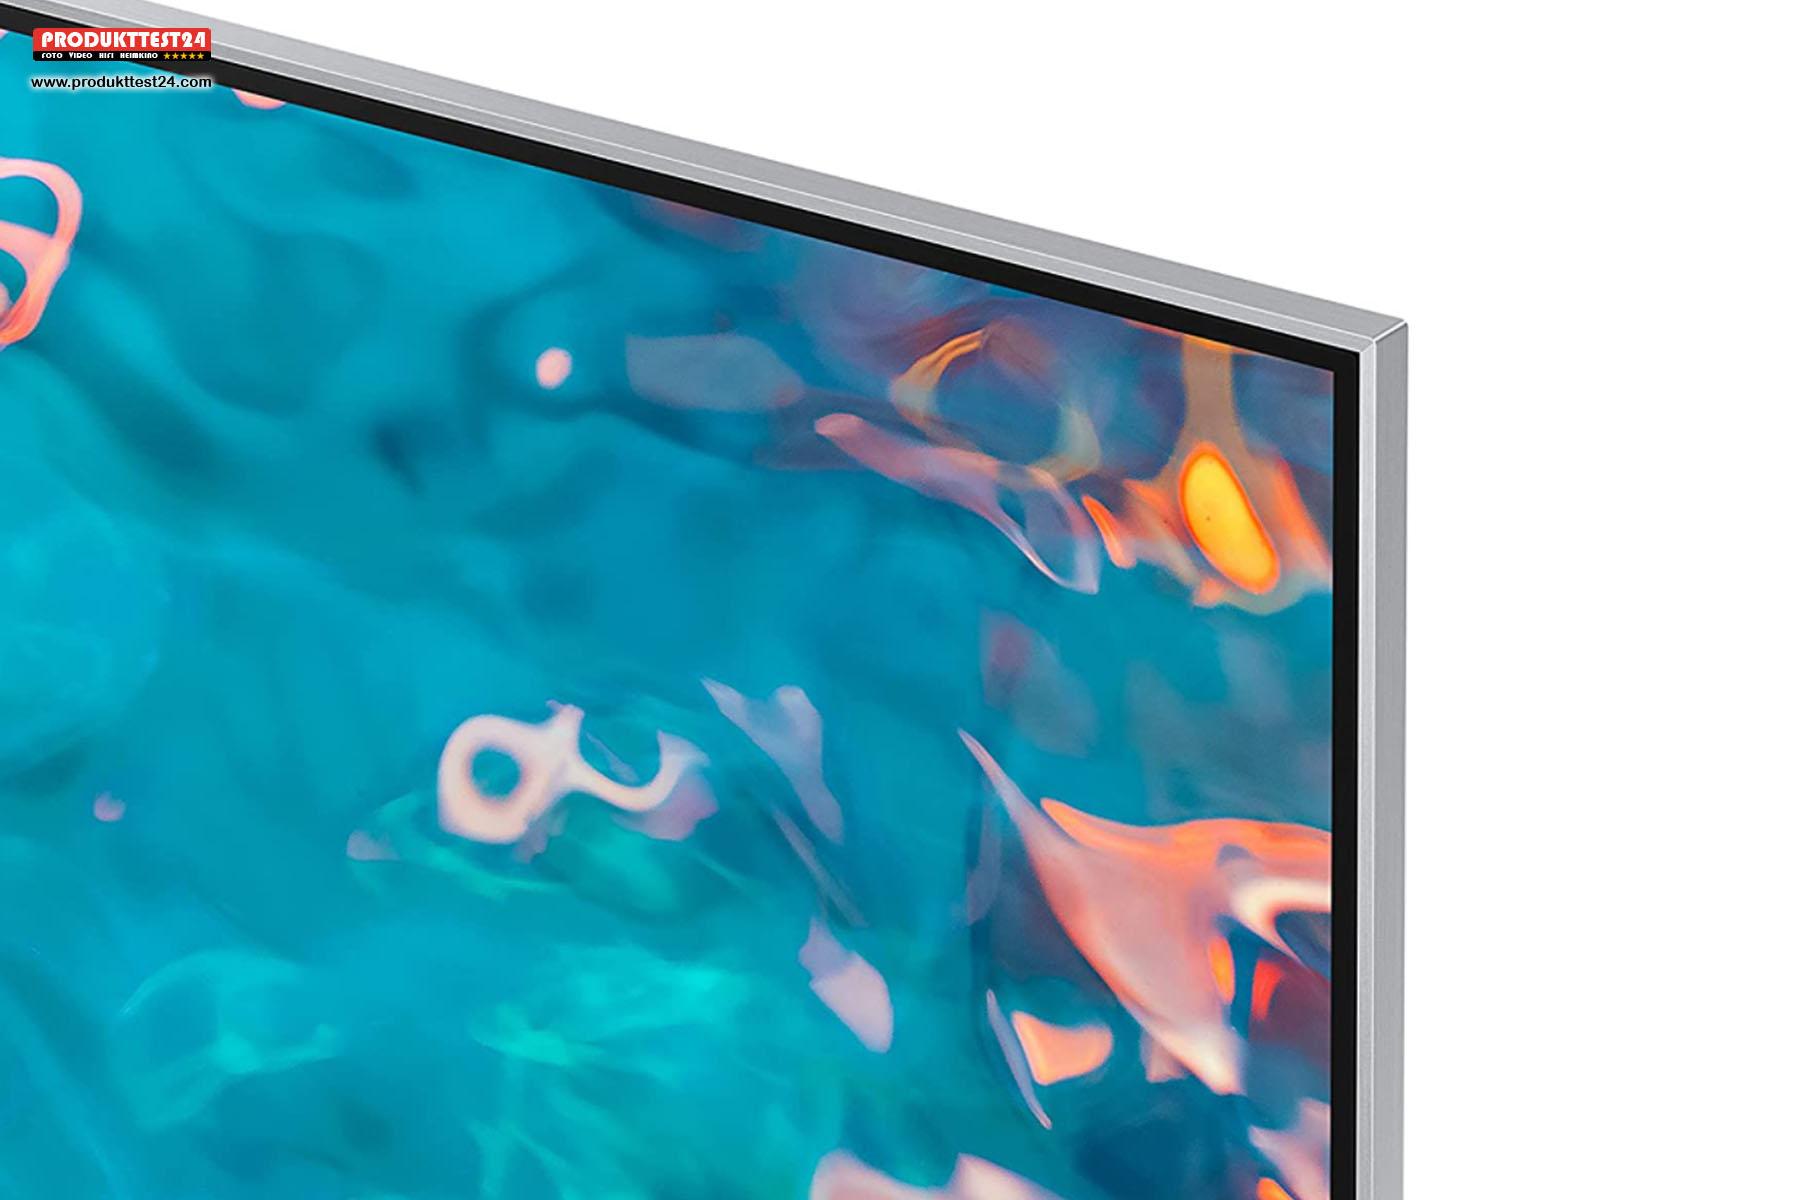 Der Samsung GQ75QN85A ist mit 2,7 cm extrem flach.